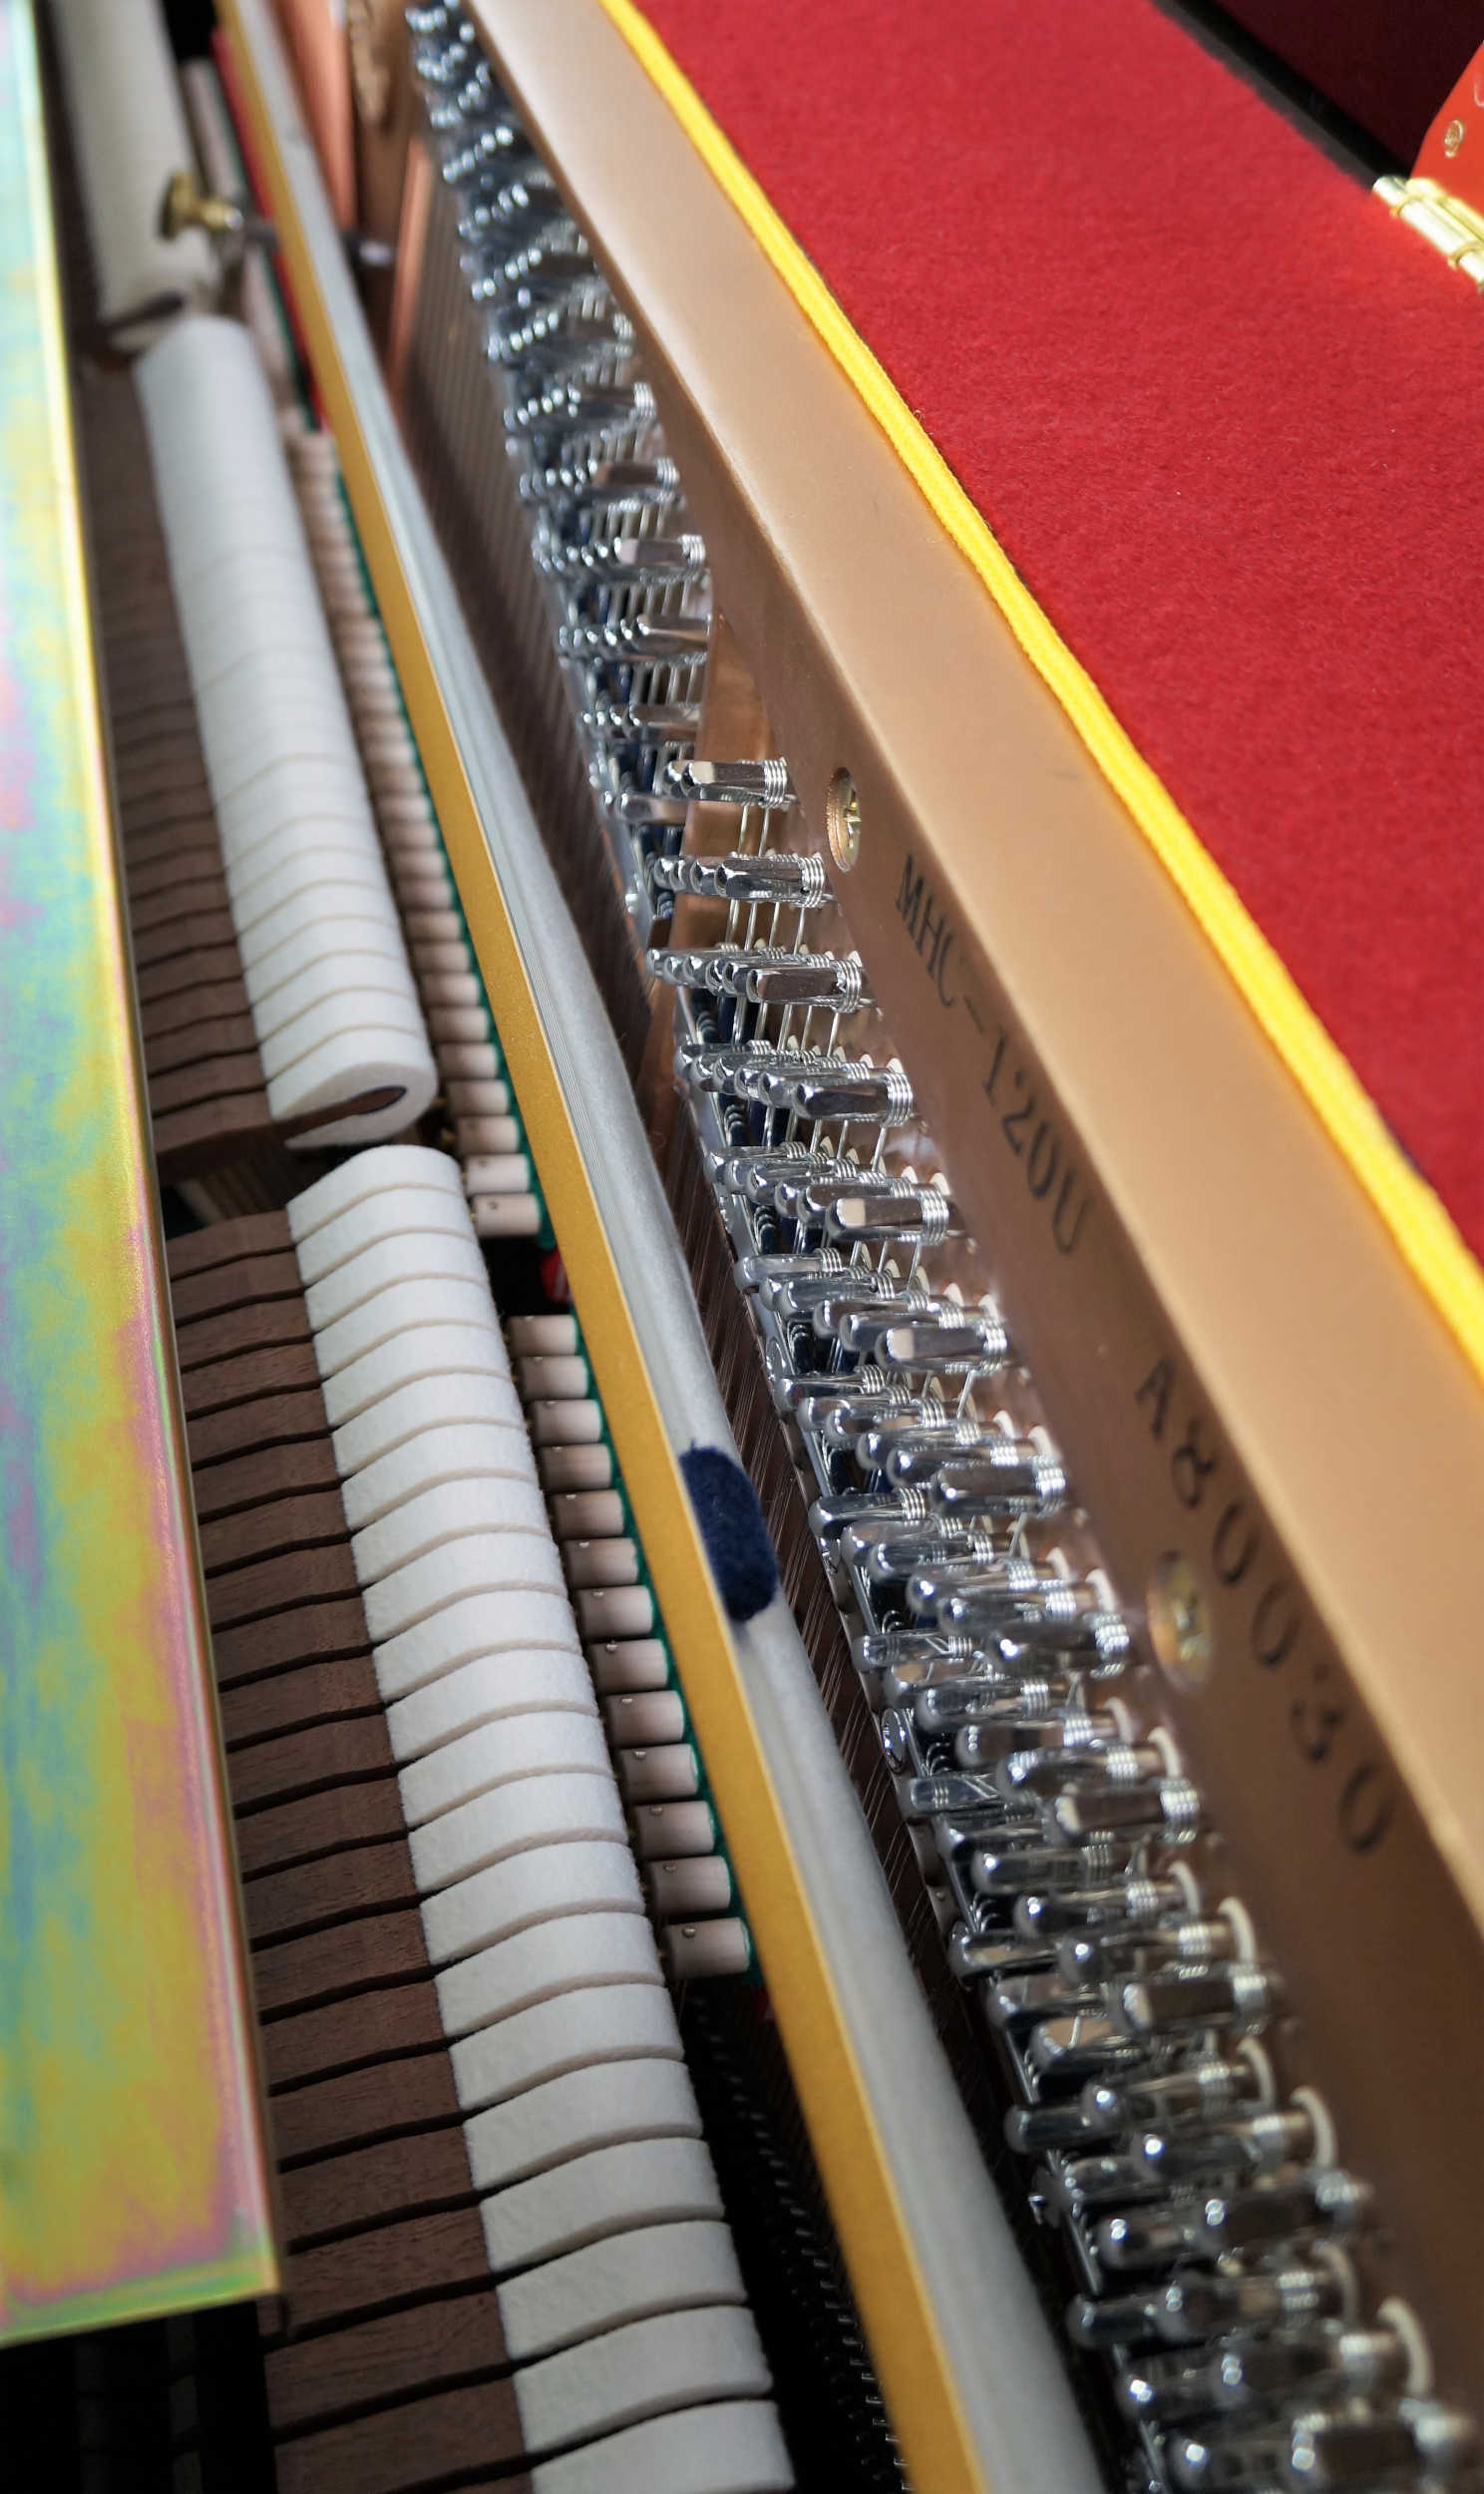 Mason & Hamlin Model 120 Upright Piano 47